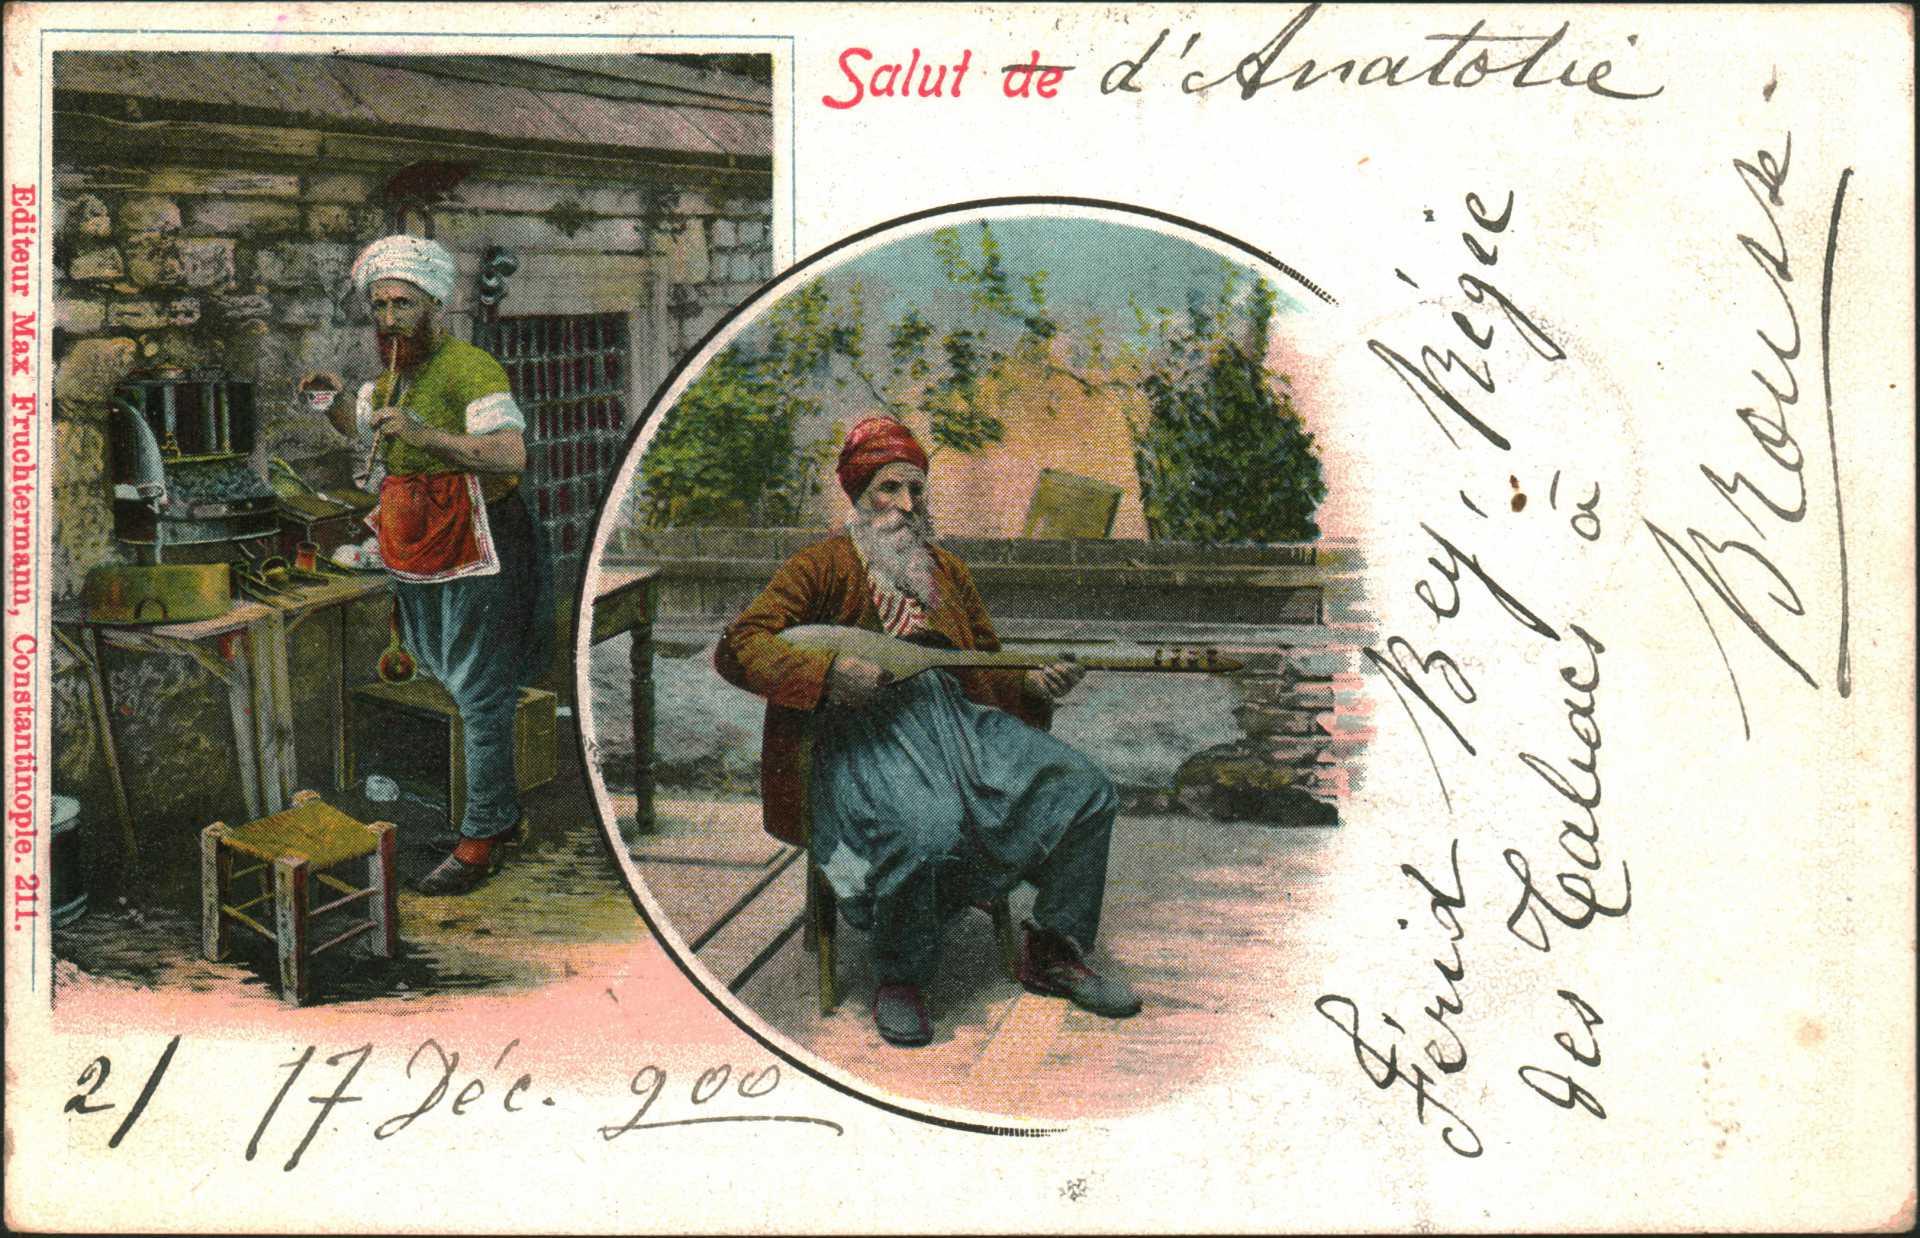 Salut de d'anatolie ve Union Postale Universelle